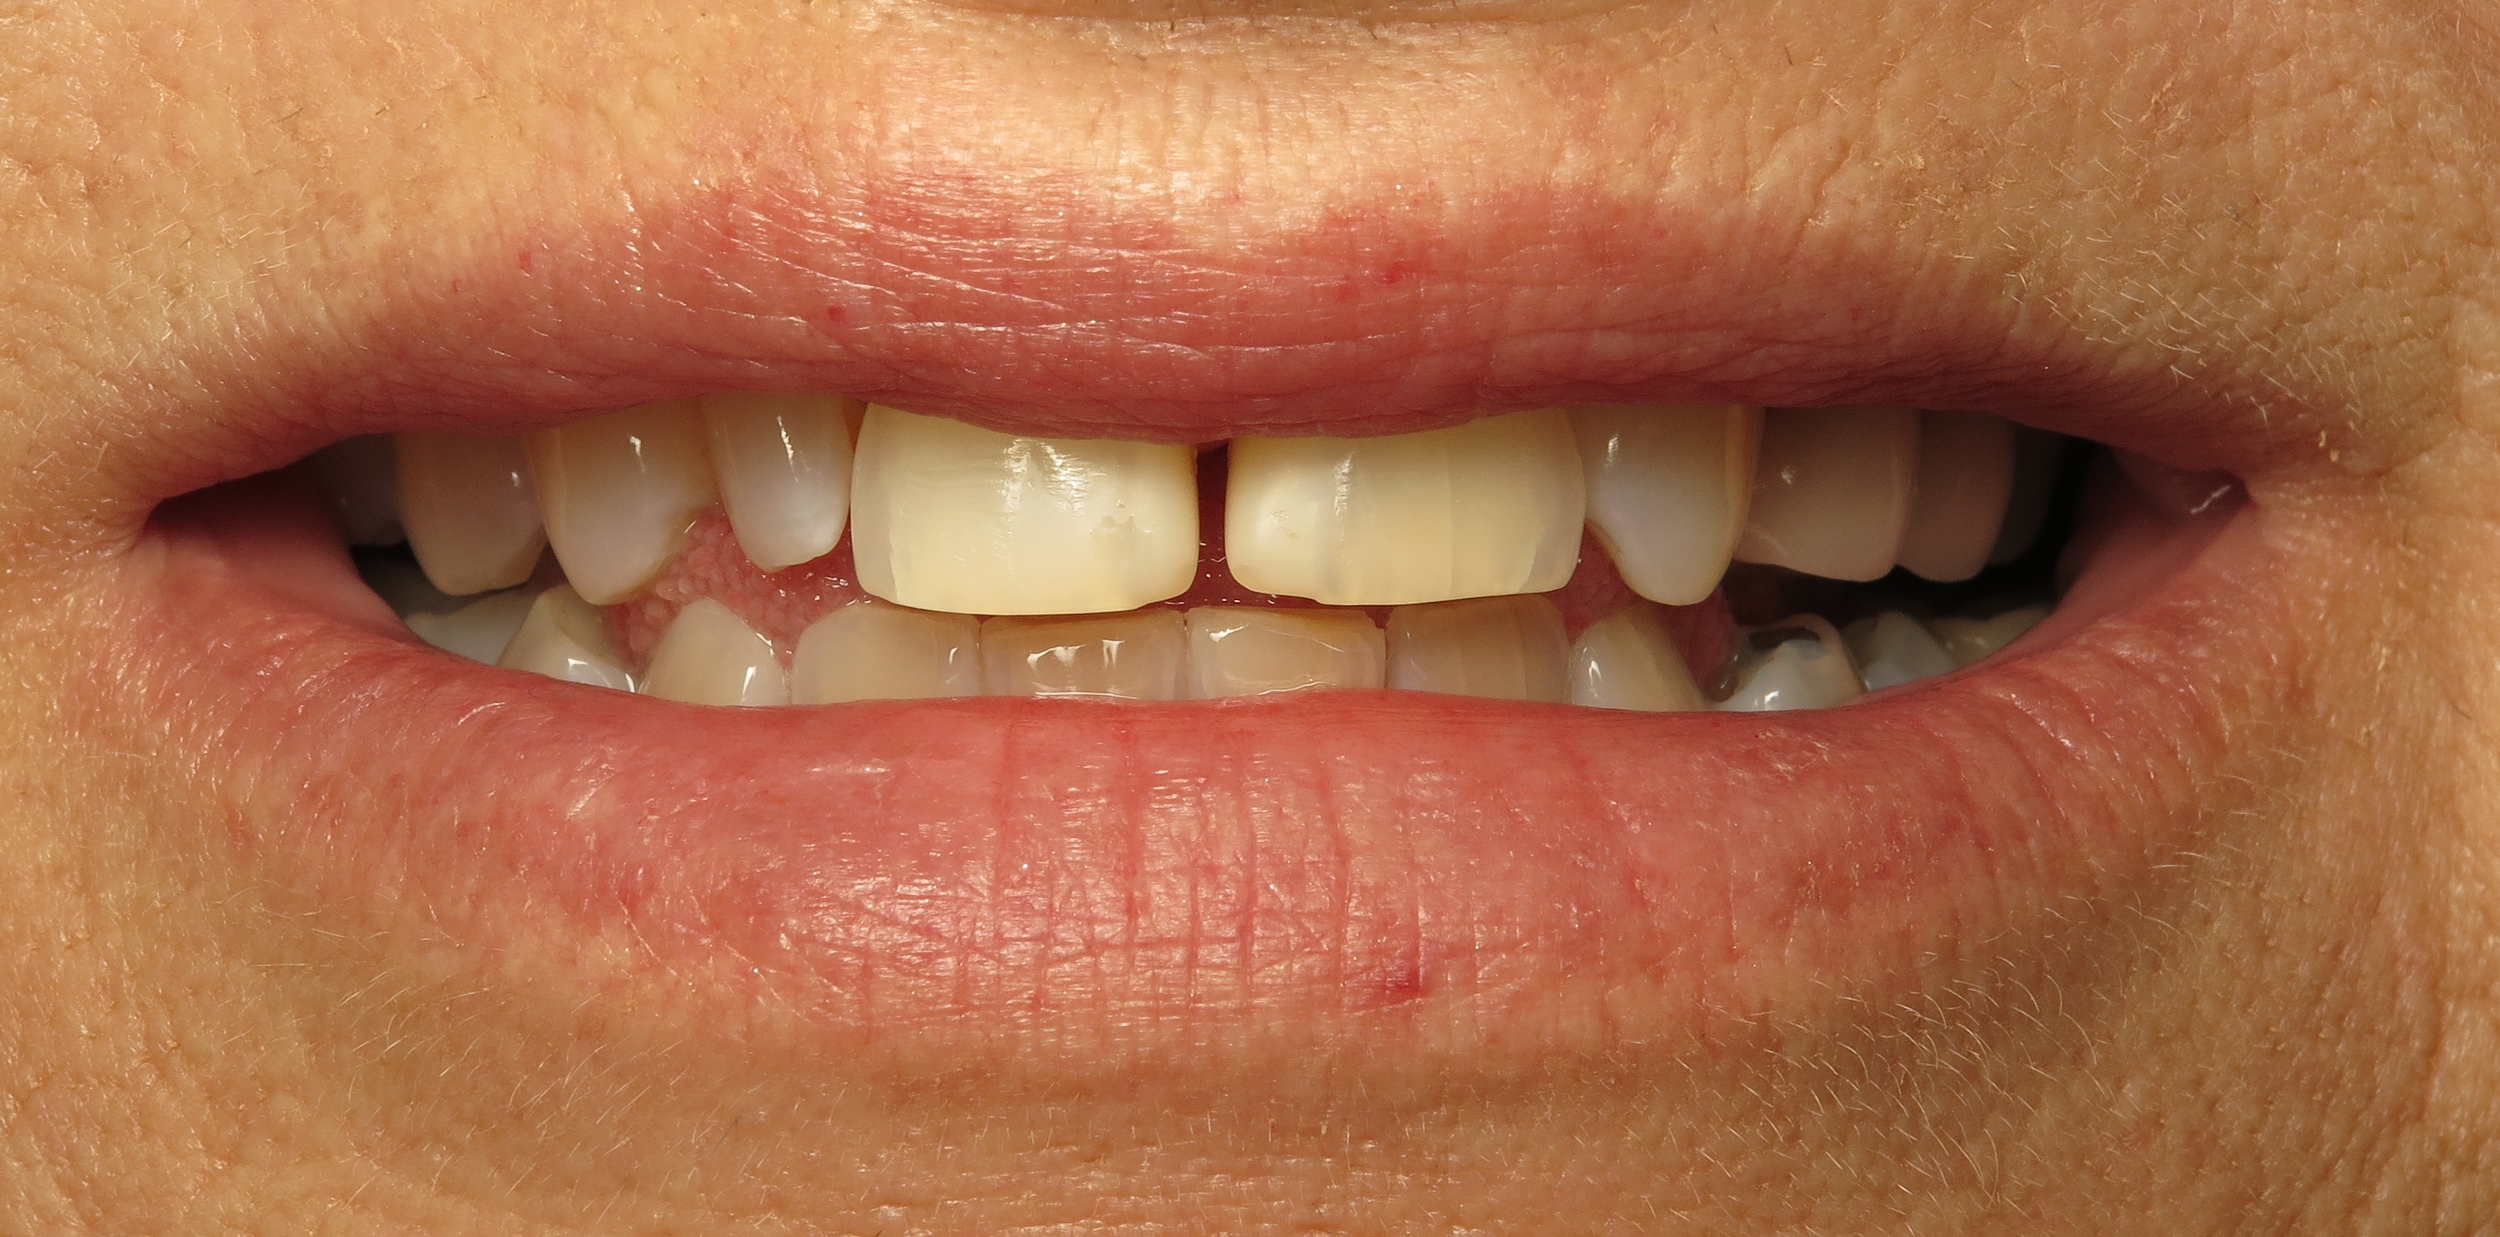 Before veneers, this patient's teeth had large spacings and were not completely symmetrical.